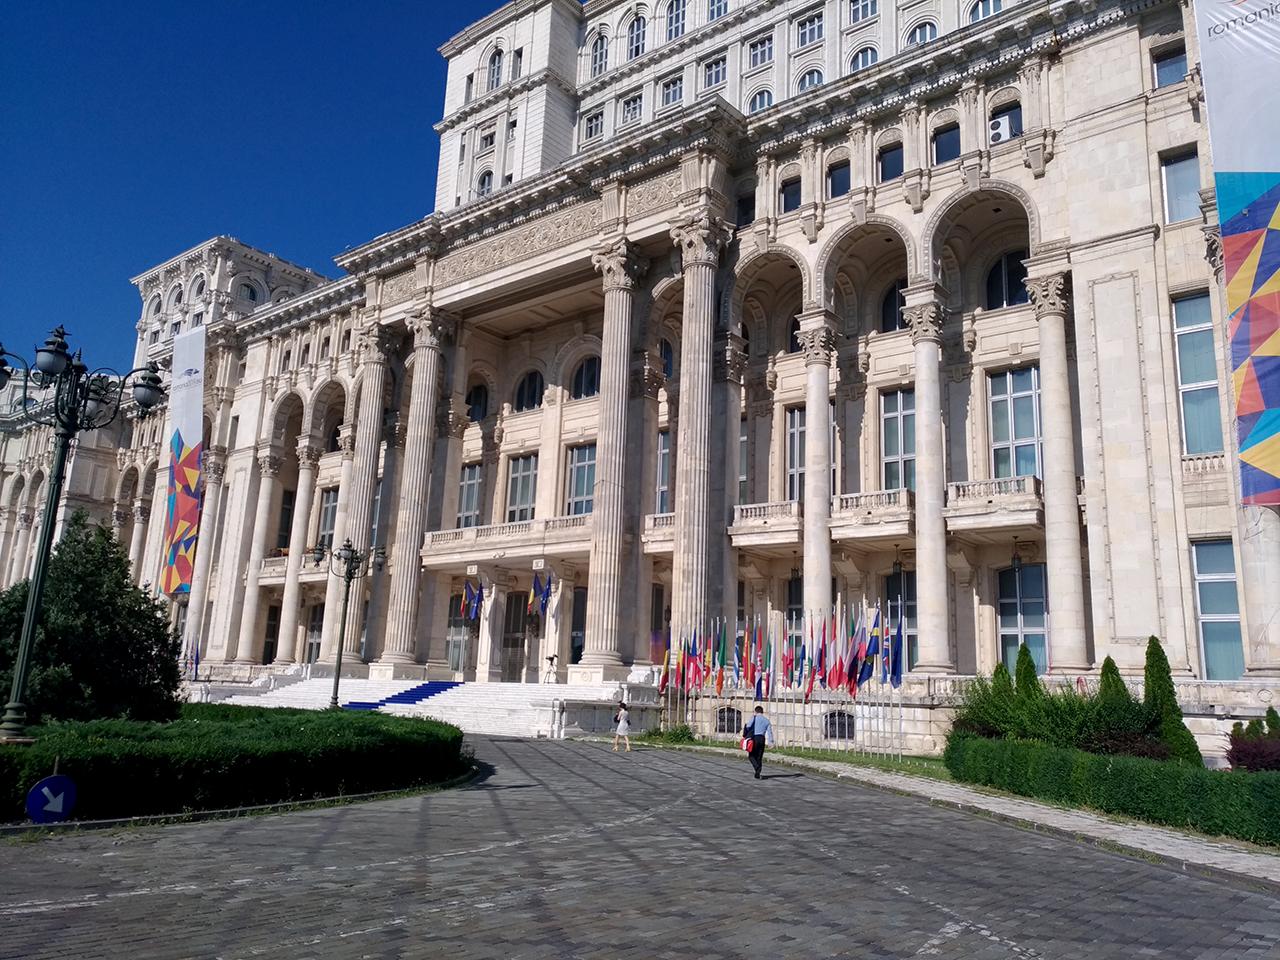 EUSDR8 – Palatul Parlamentului – 26 Iunie 2019